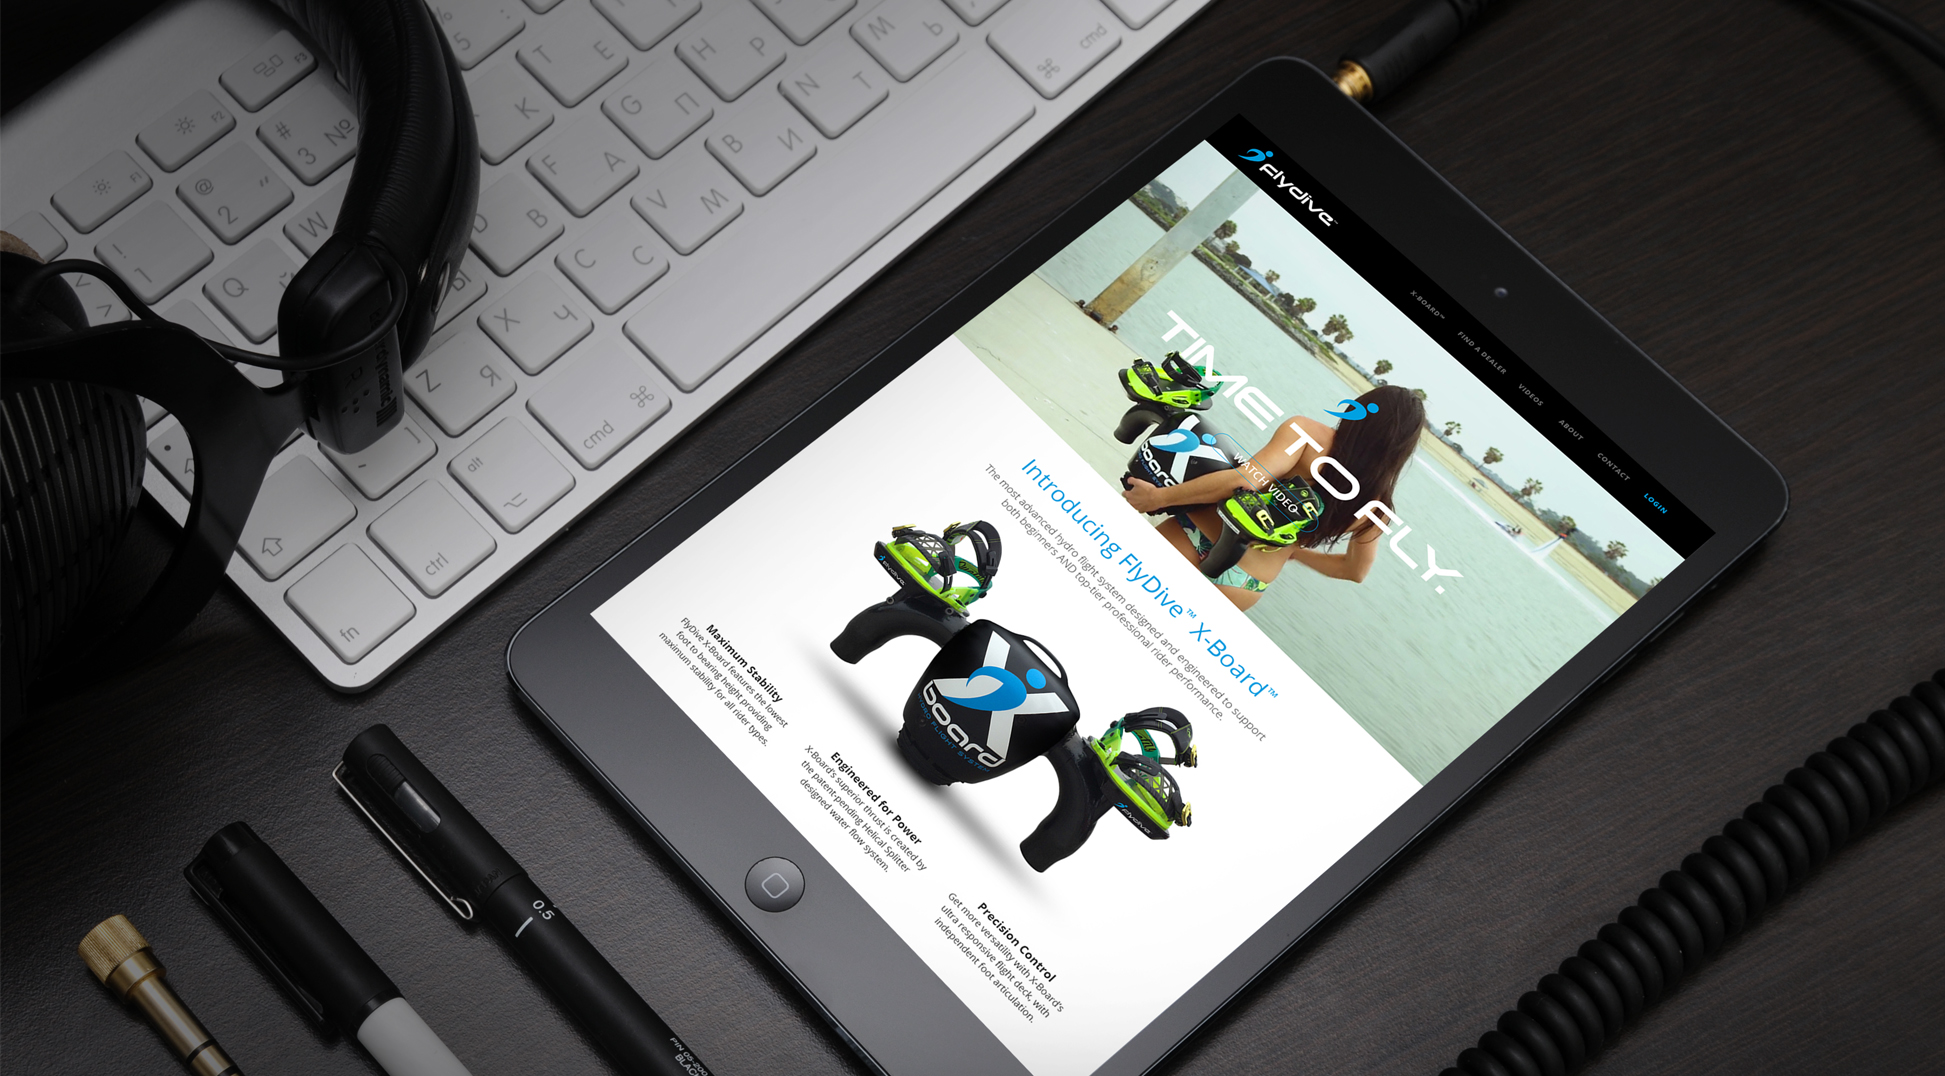 FlyDive website on tablet screen